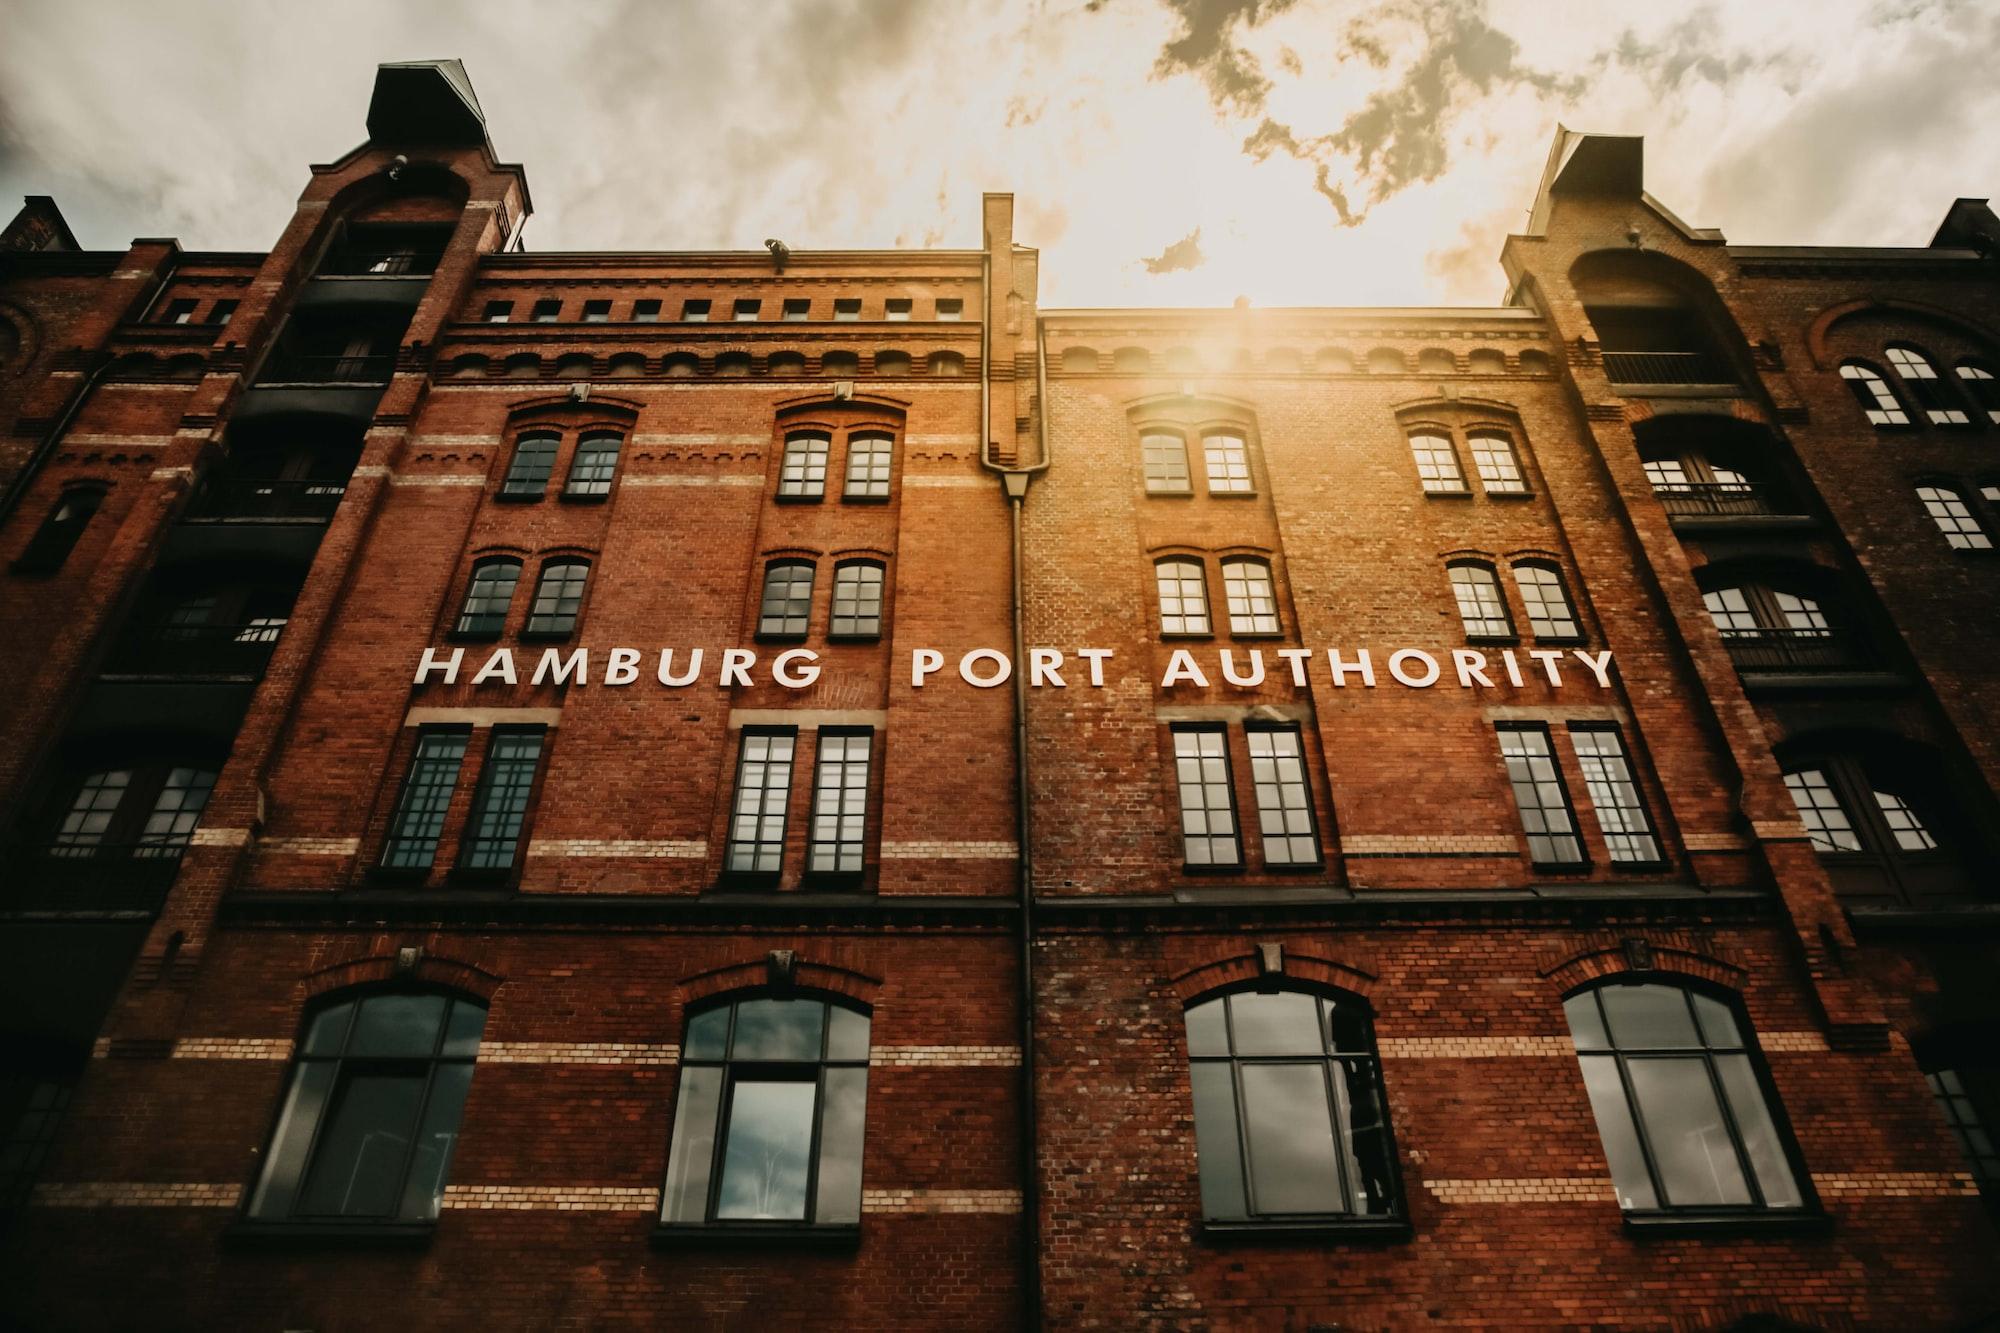 Hamburg Port Authority: Kahlschlag bei Ausbildungsplätzen ist schlechtes Signal